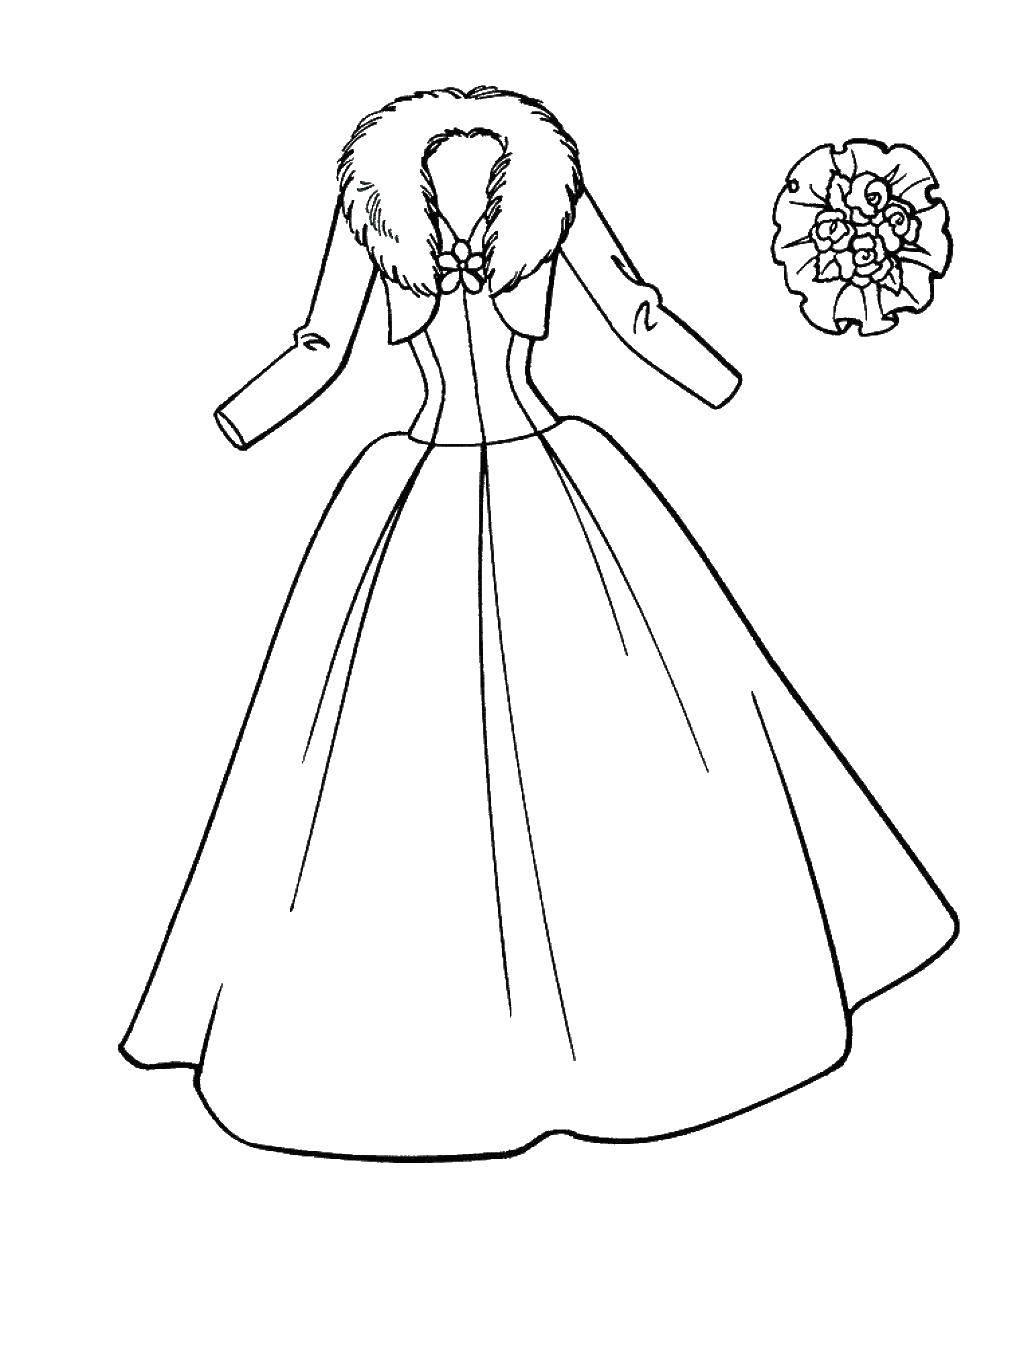 Раскраска свадебные платья Скачать ,Уборка,.  Распечатать